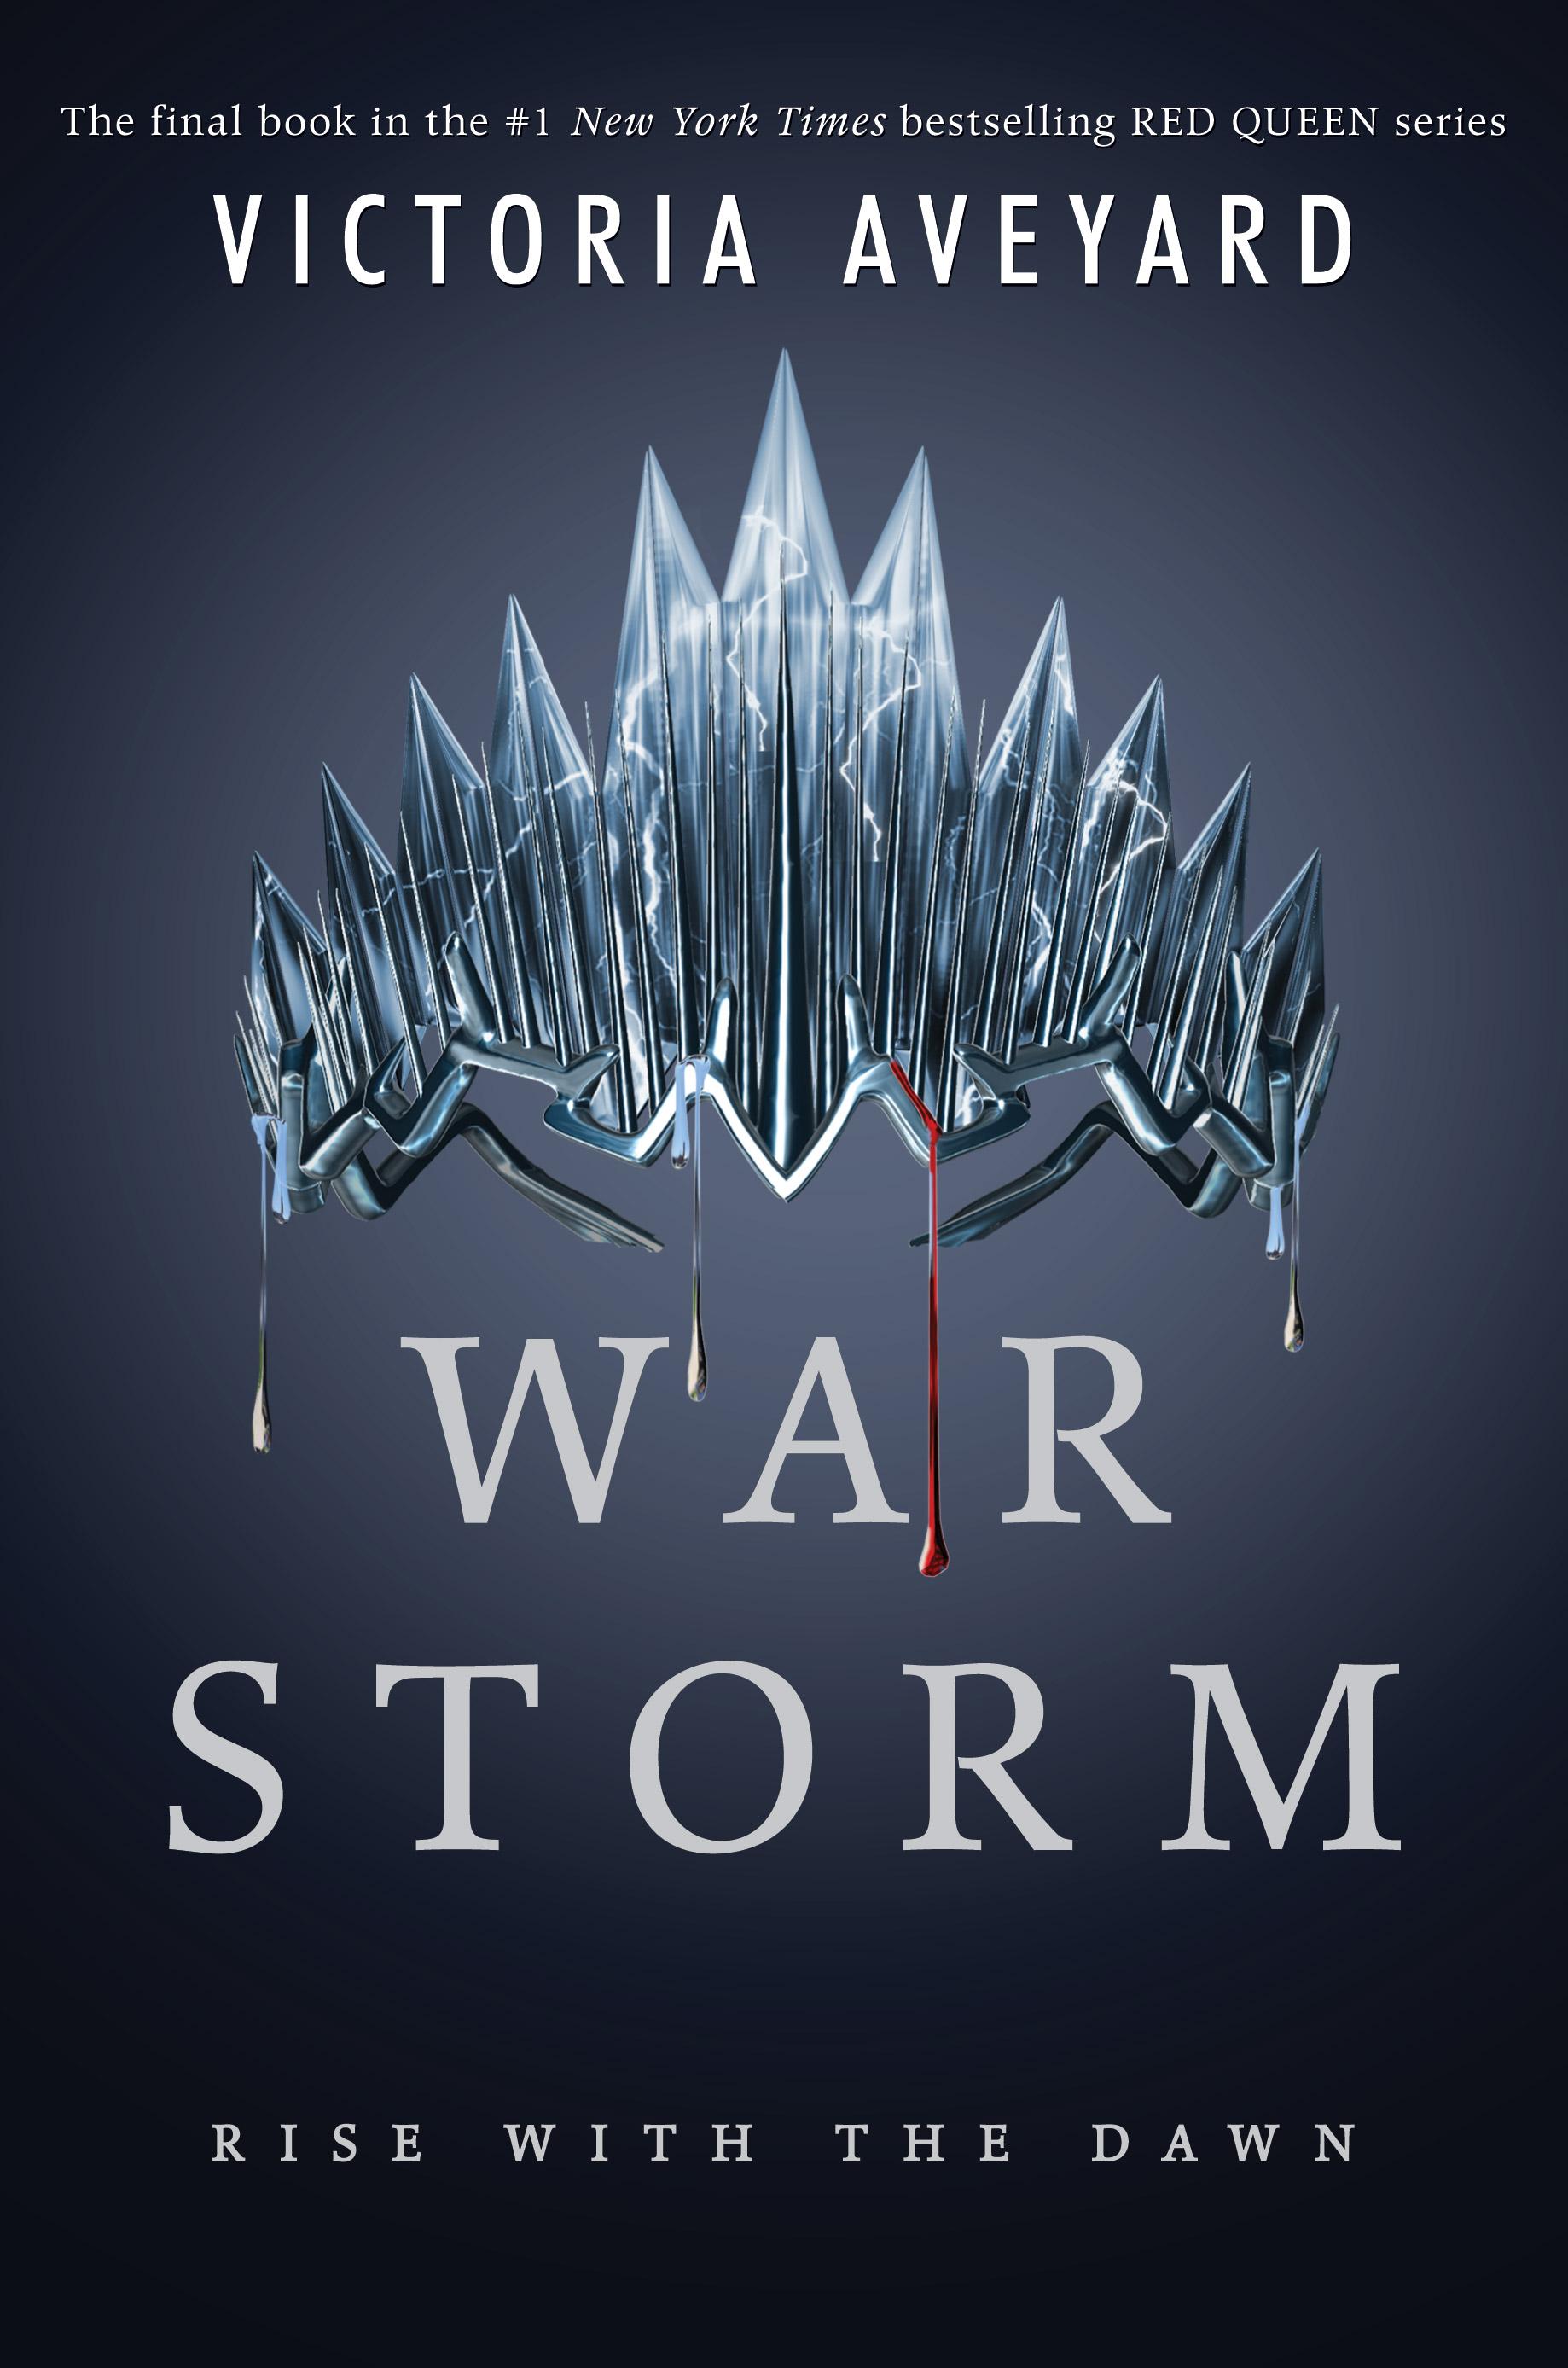 War Storm cover.jpg